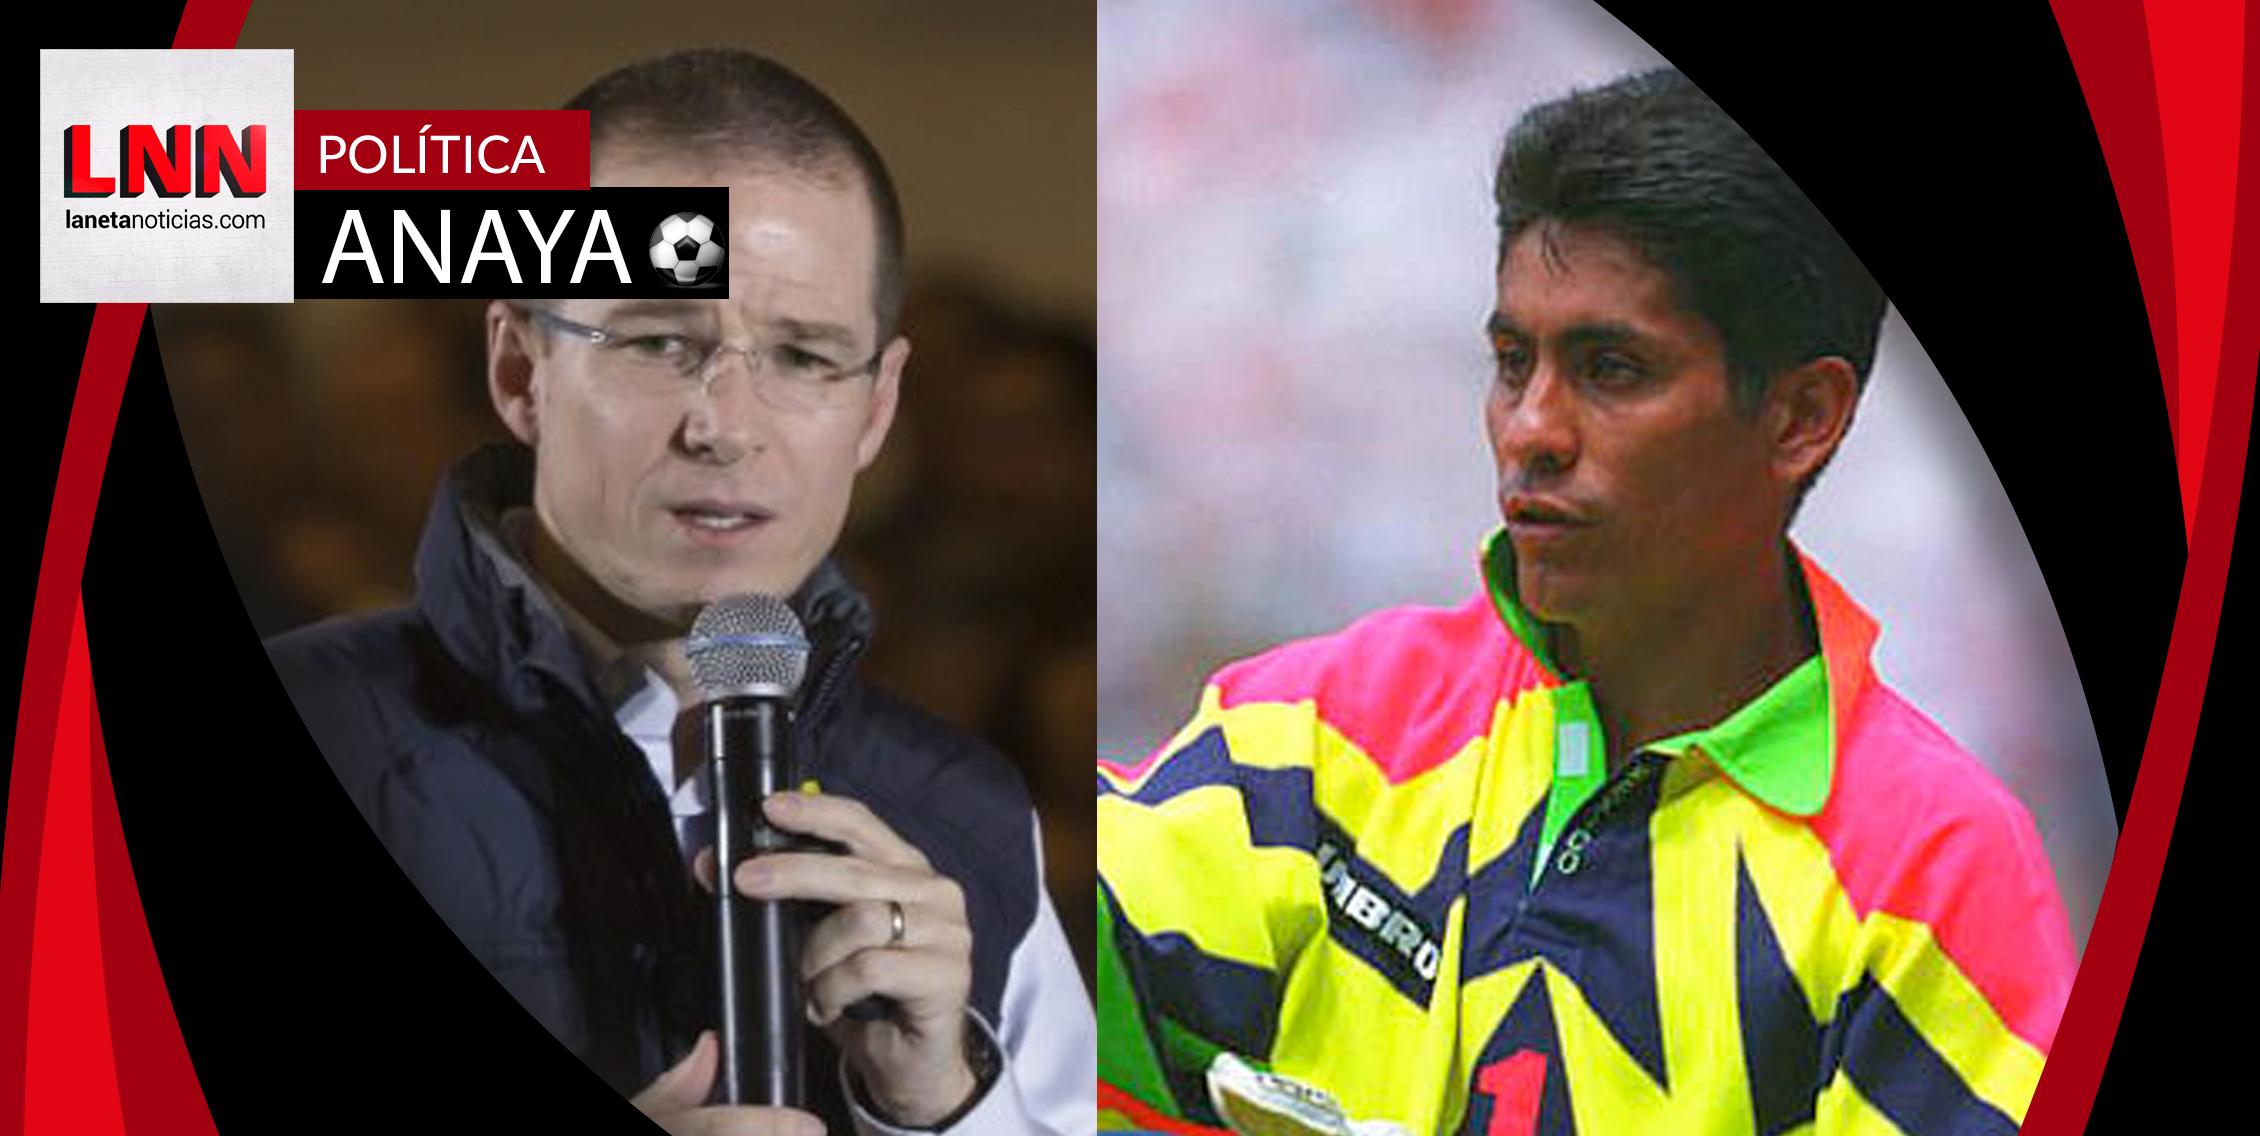 Jorge Campos niega saludo a Anaya y dice que votará por Meade